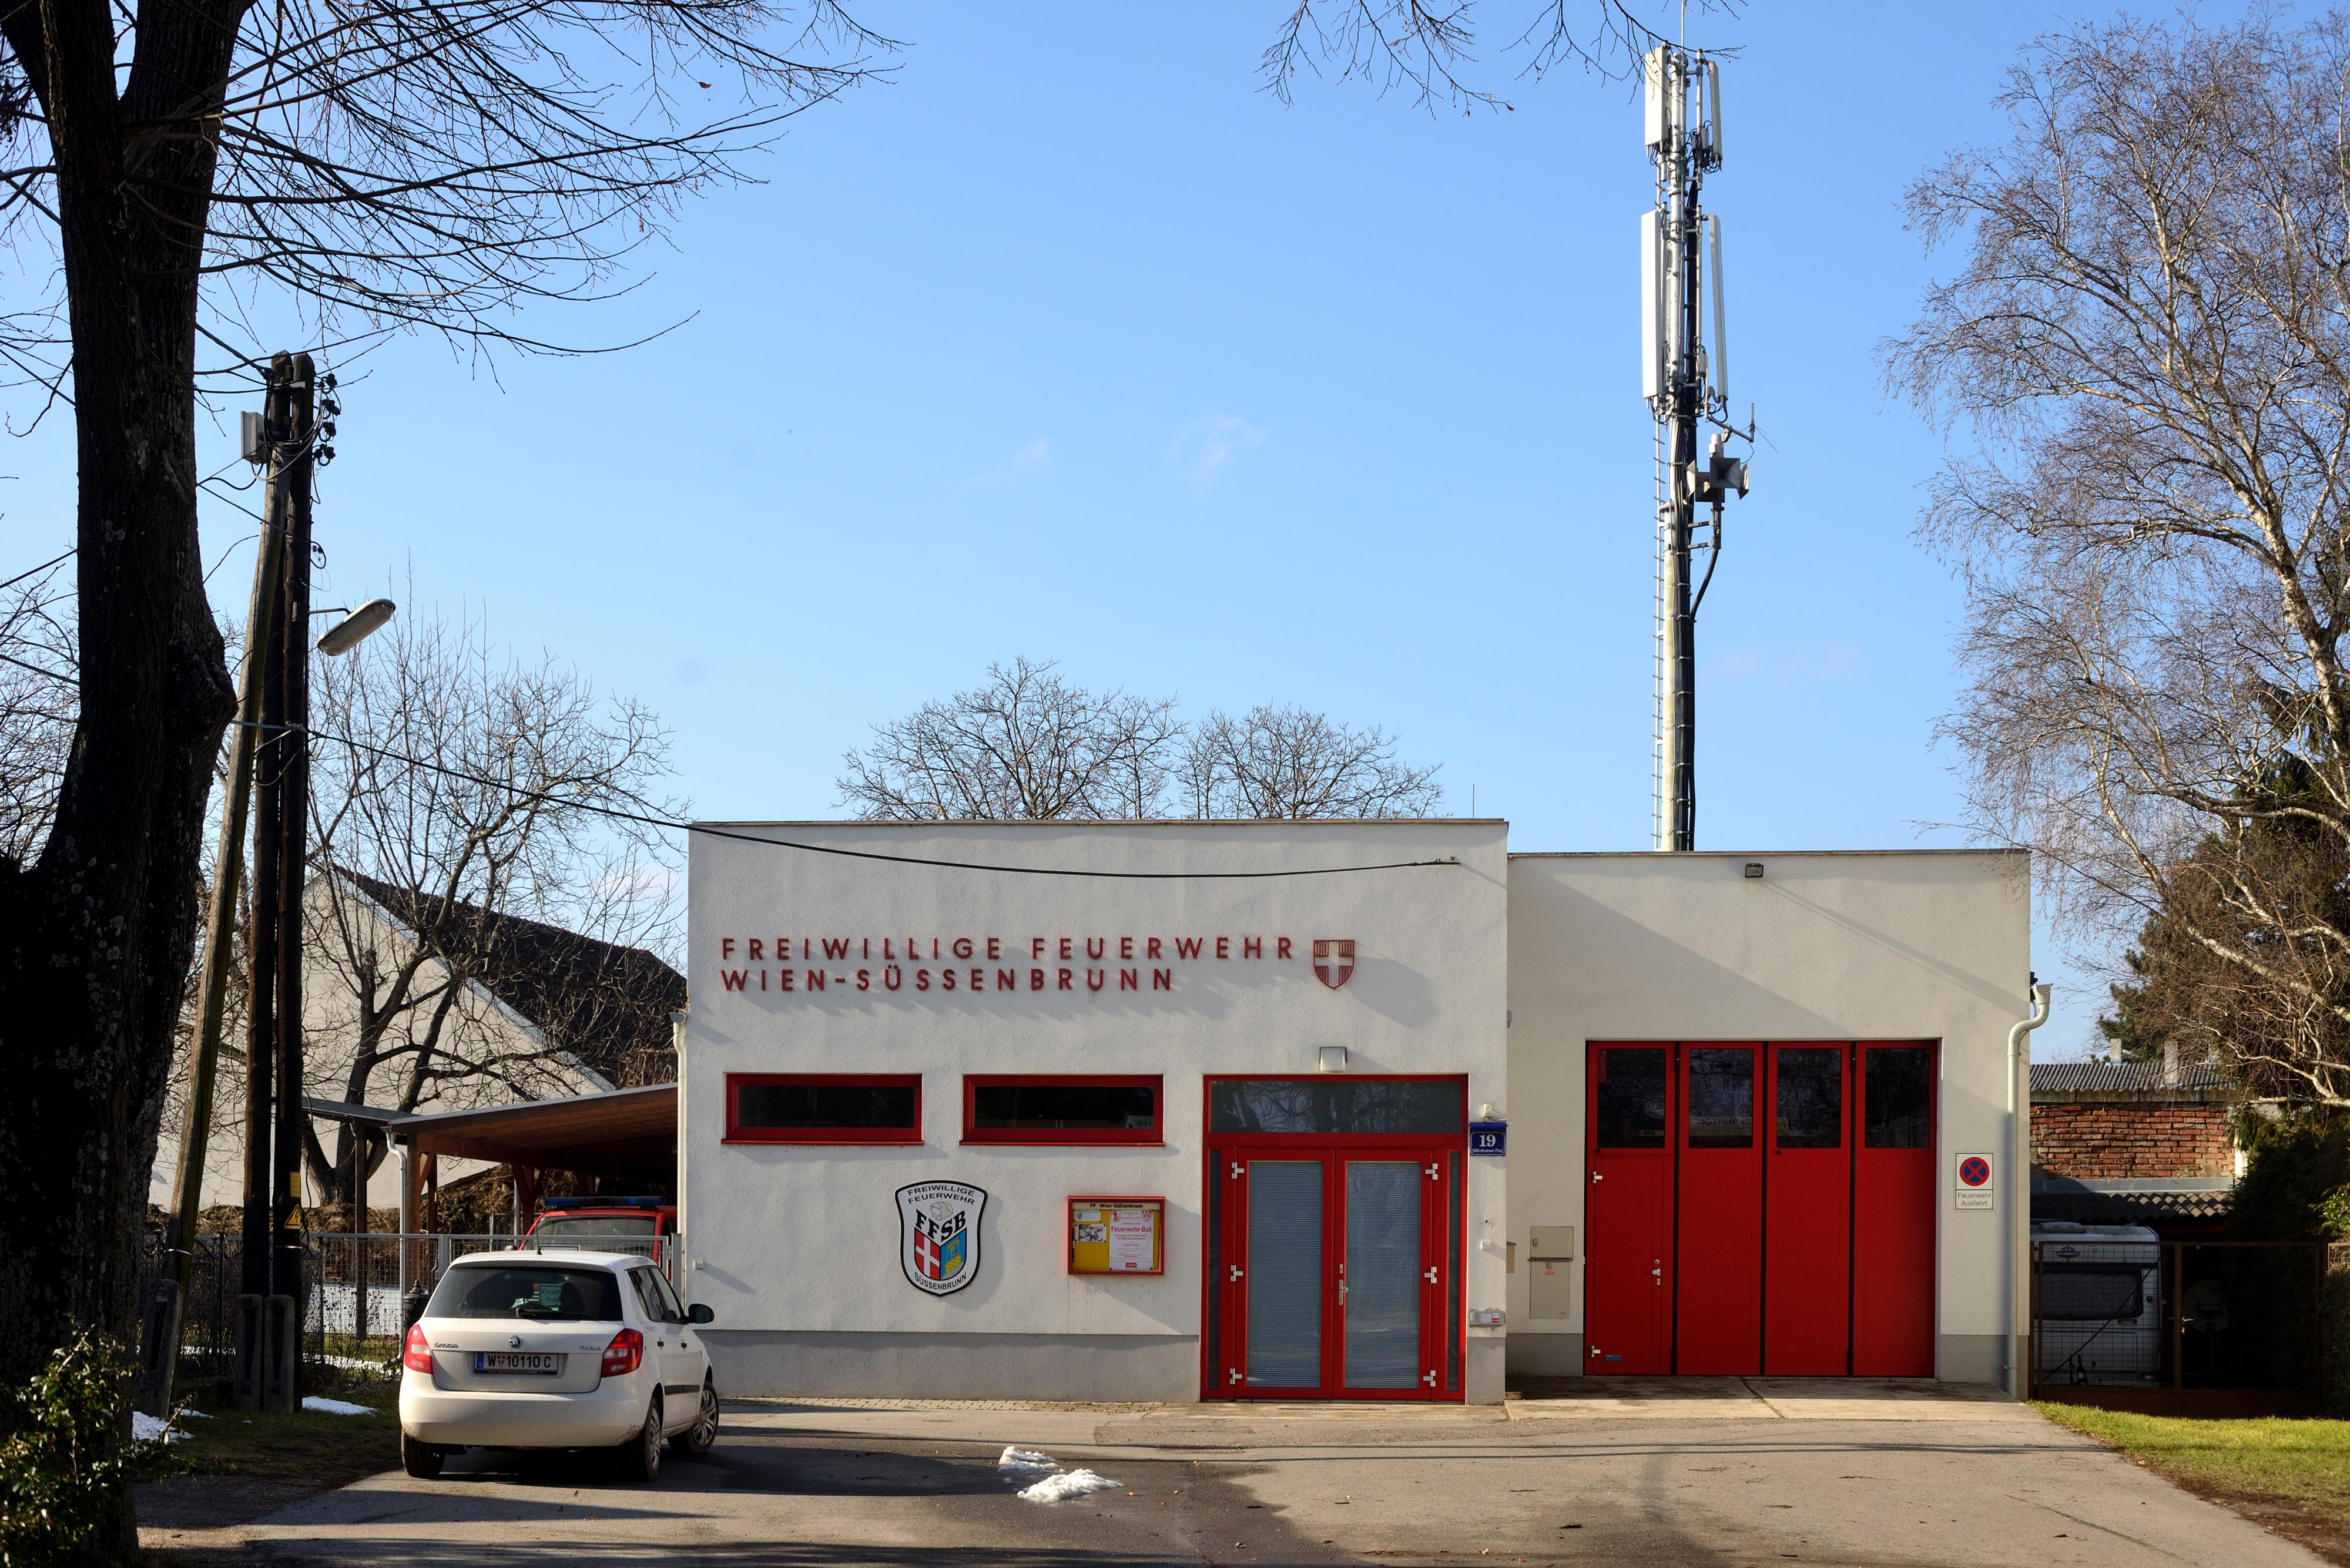 Freiwillige Feuerwehr Wien-Süßenbrunn.JPG